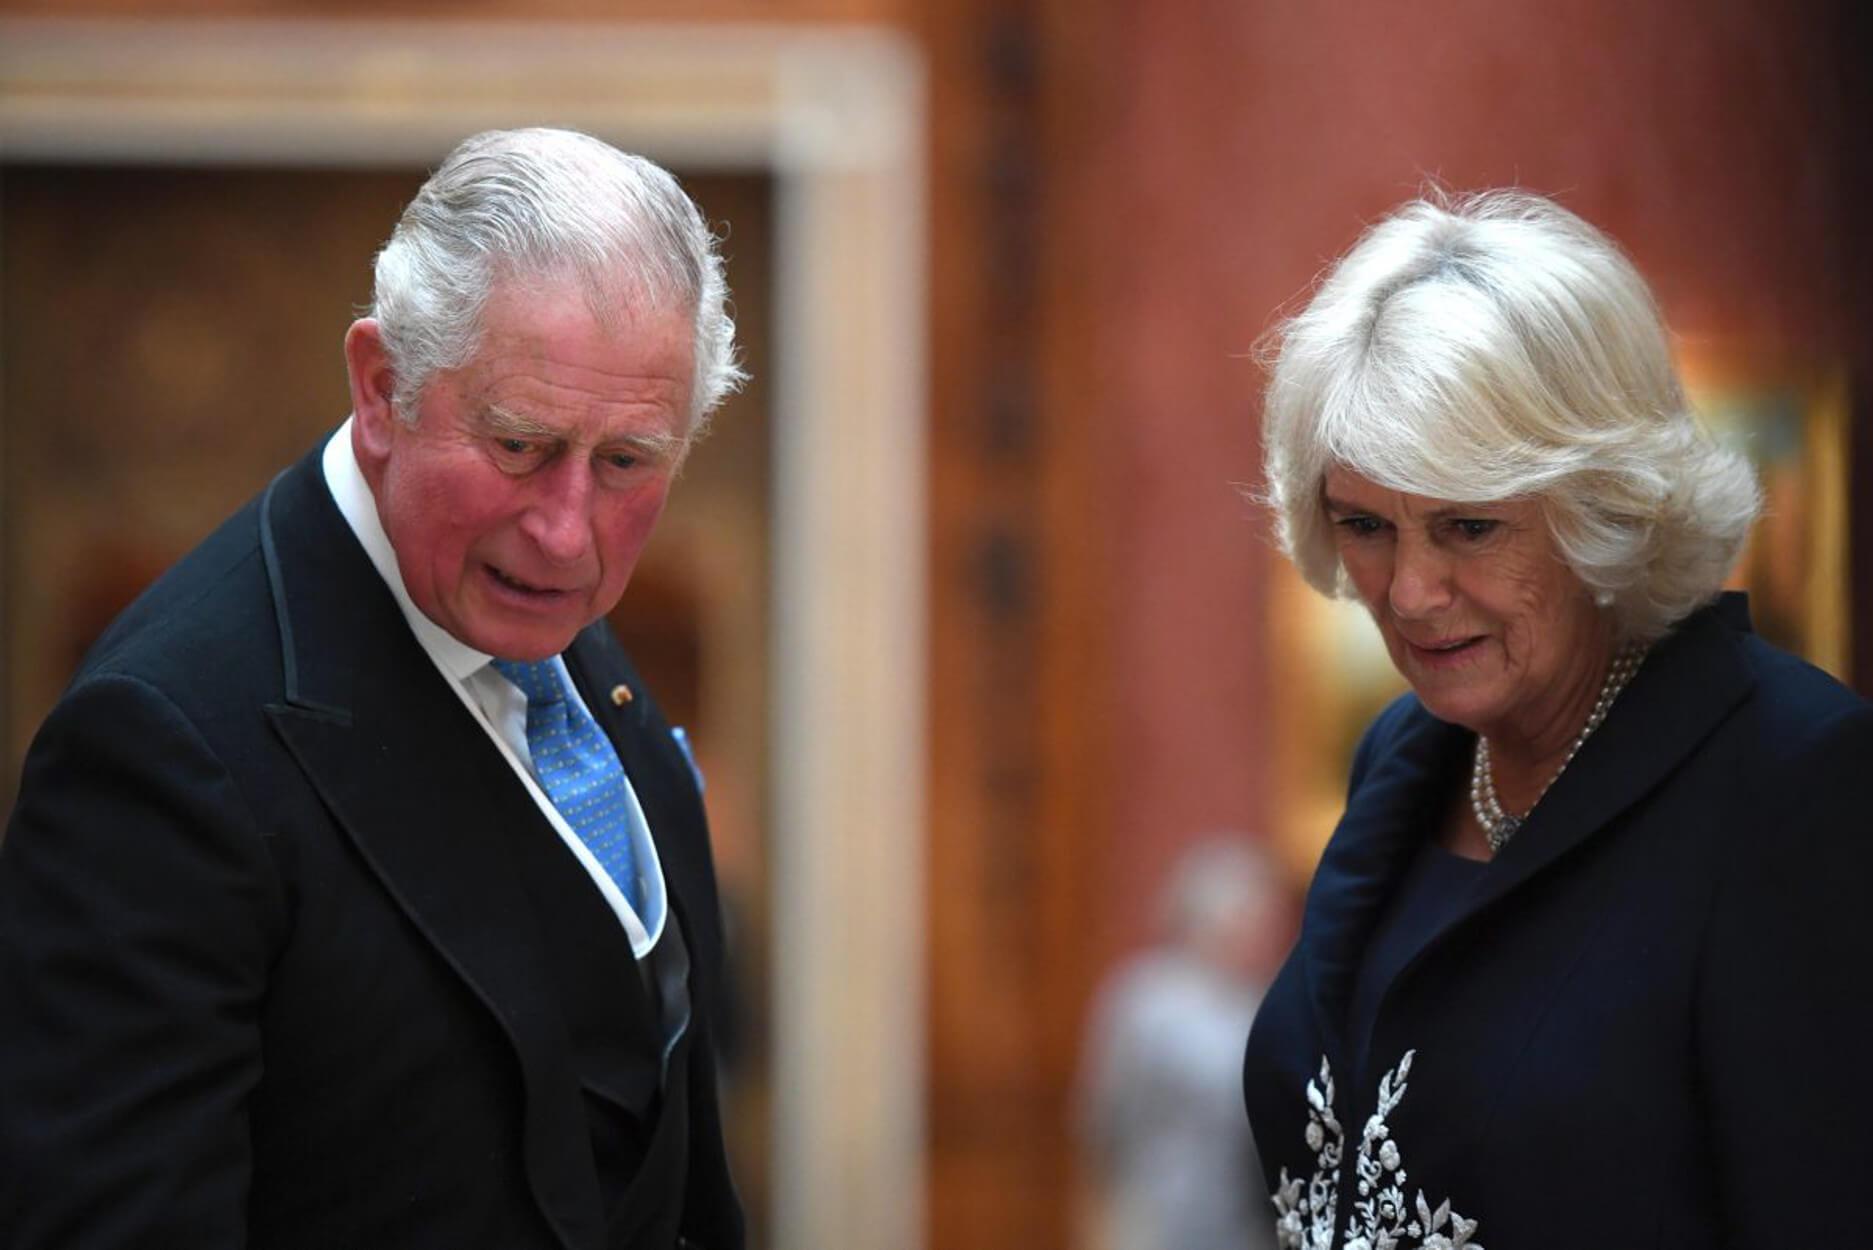 Ιστορική επίσκεψη του πρίγκιπα Κρόλου στην Κούβα - Η πρώτη μελών της βρετανικής βασιλικής οικογένειας στο νησί